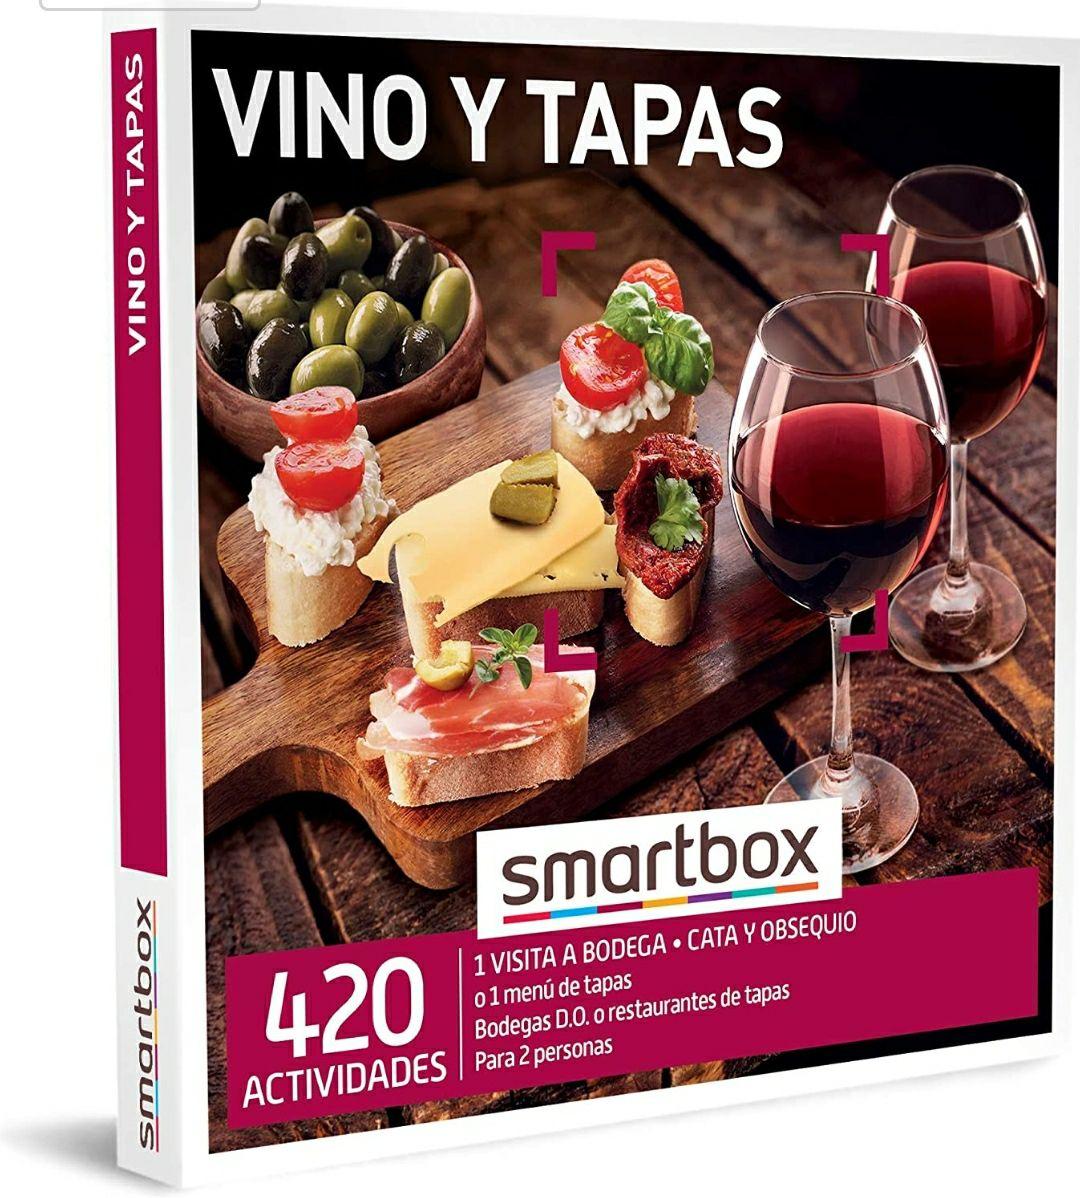 Smartbox - Caja Regalo Amor para Parejas - Vino y Tapas - Ideas - 1 Visita a Bodega con cata y obsequio o 1 menú de Tapas para 2 Personas